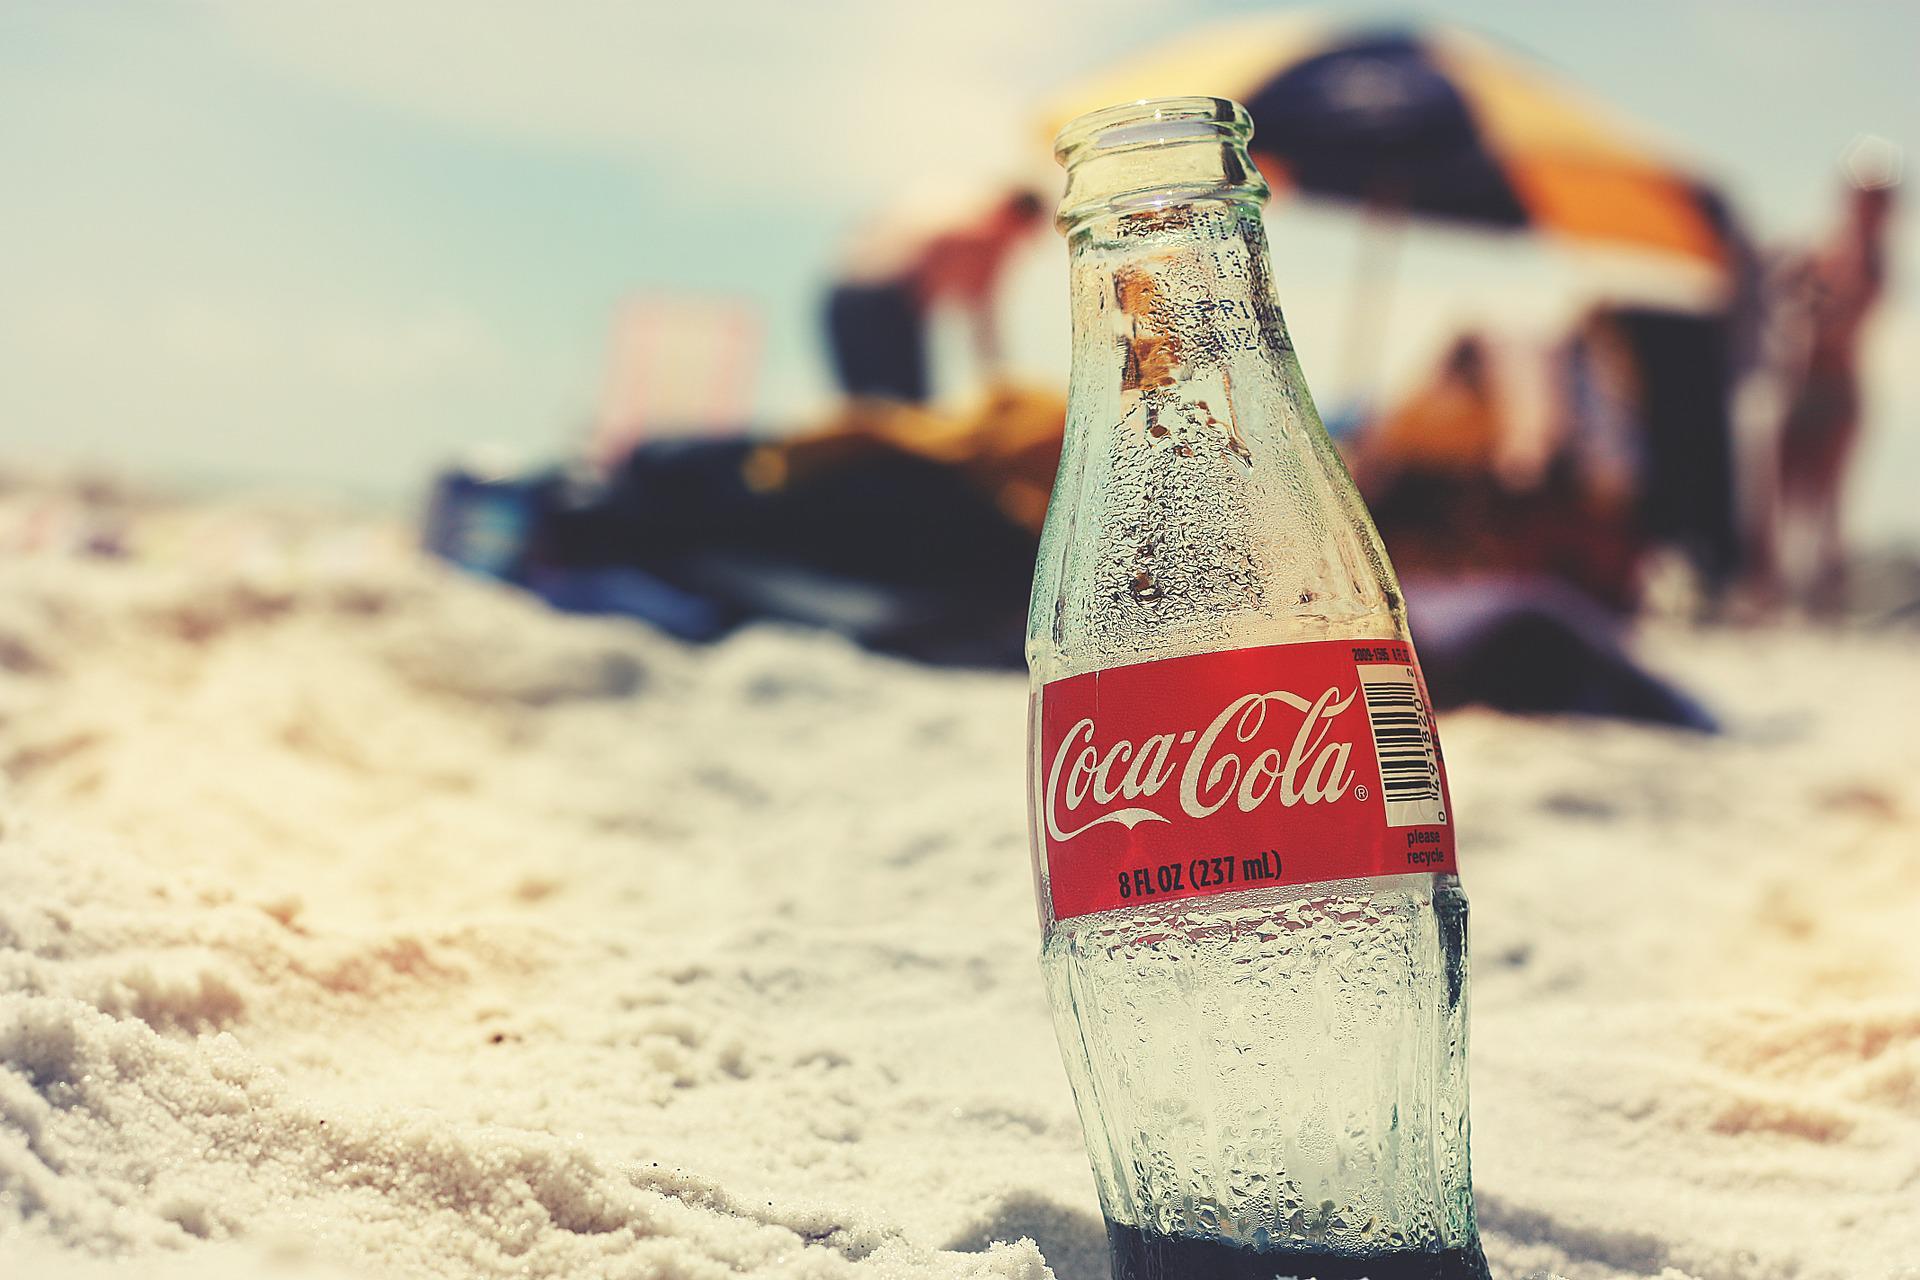 Суд вынес решение по делу Coca-Cola против налоговой службы США